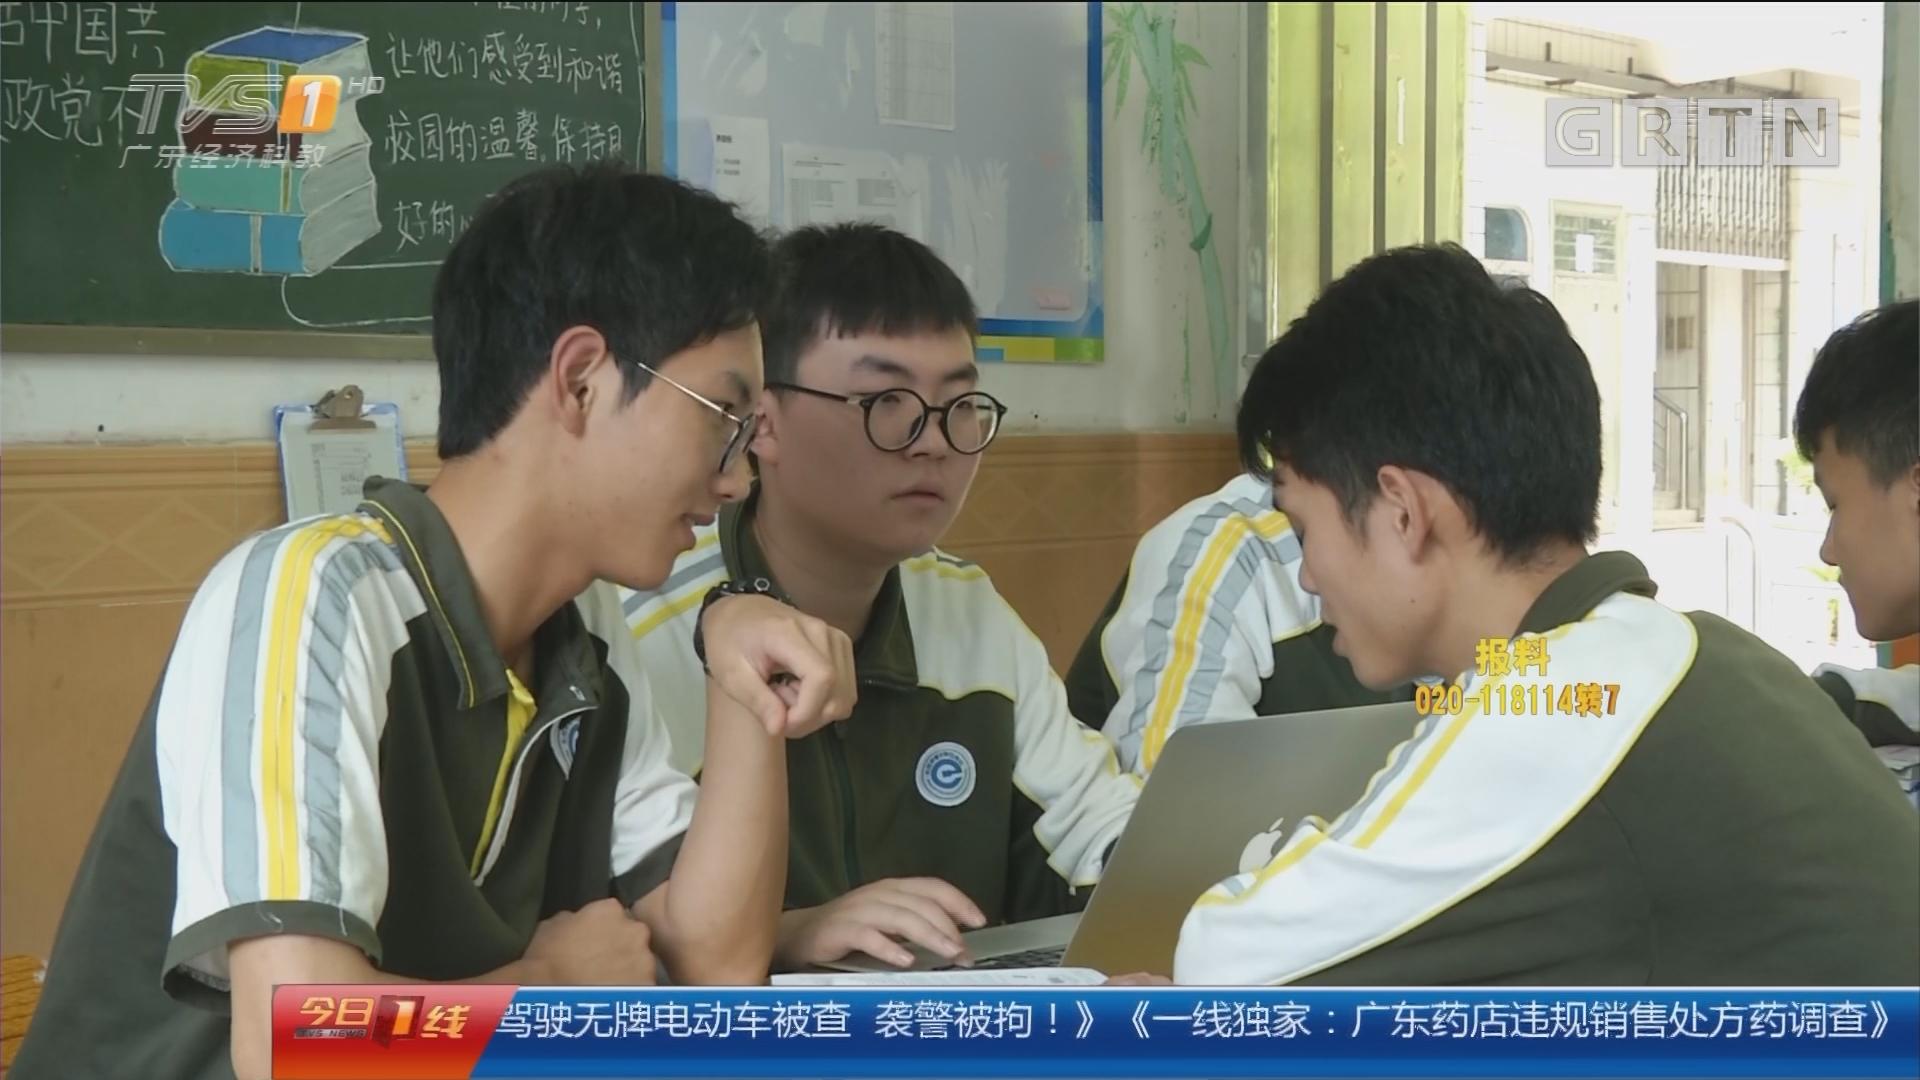 创新创业教育:东莞 17岁中职学生 卖微信公众号赚120万